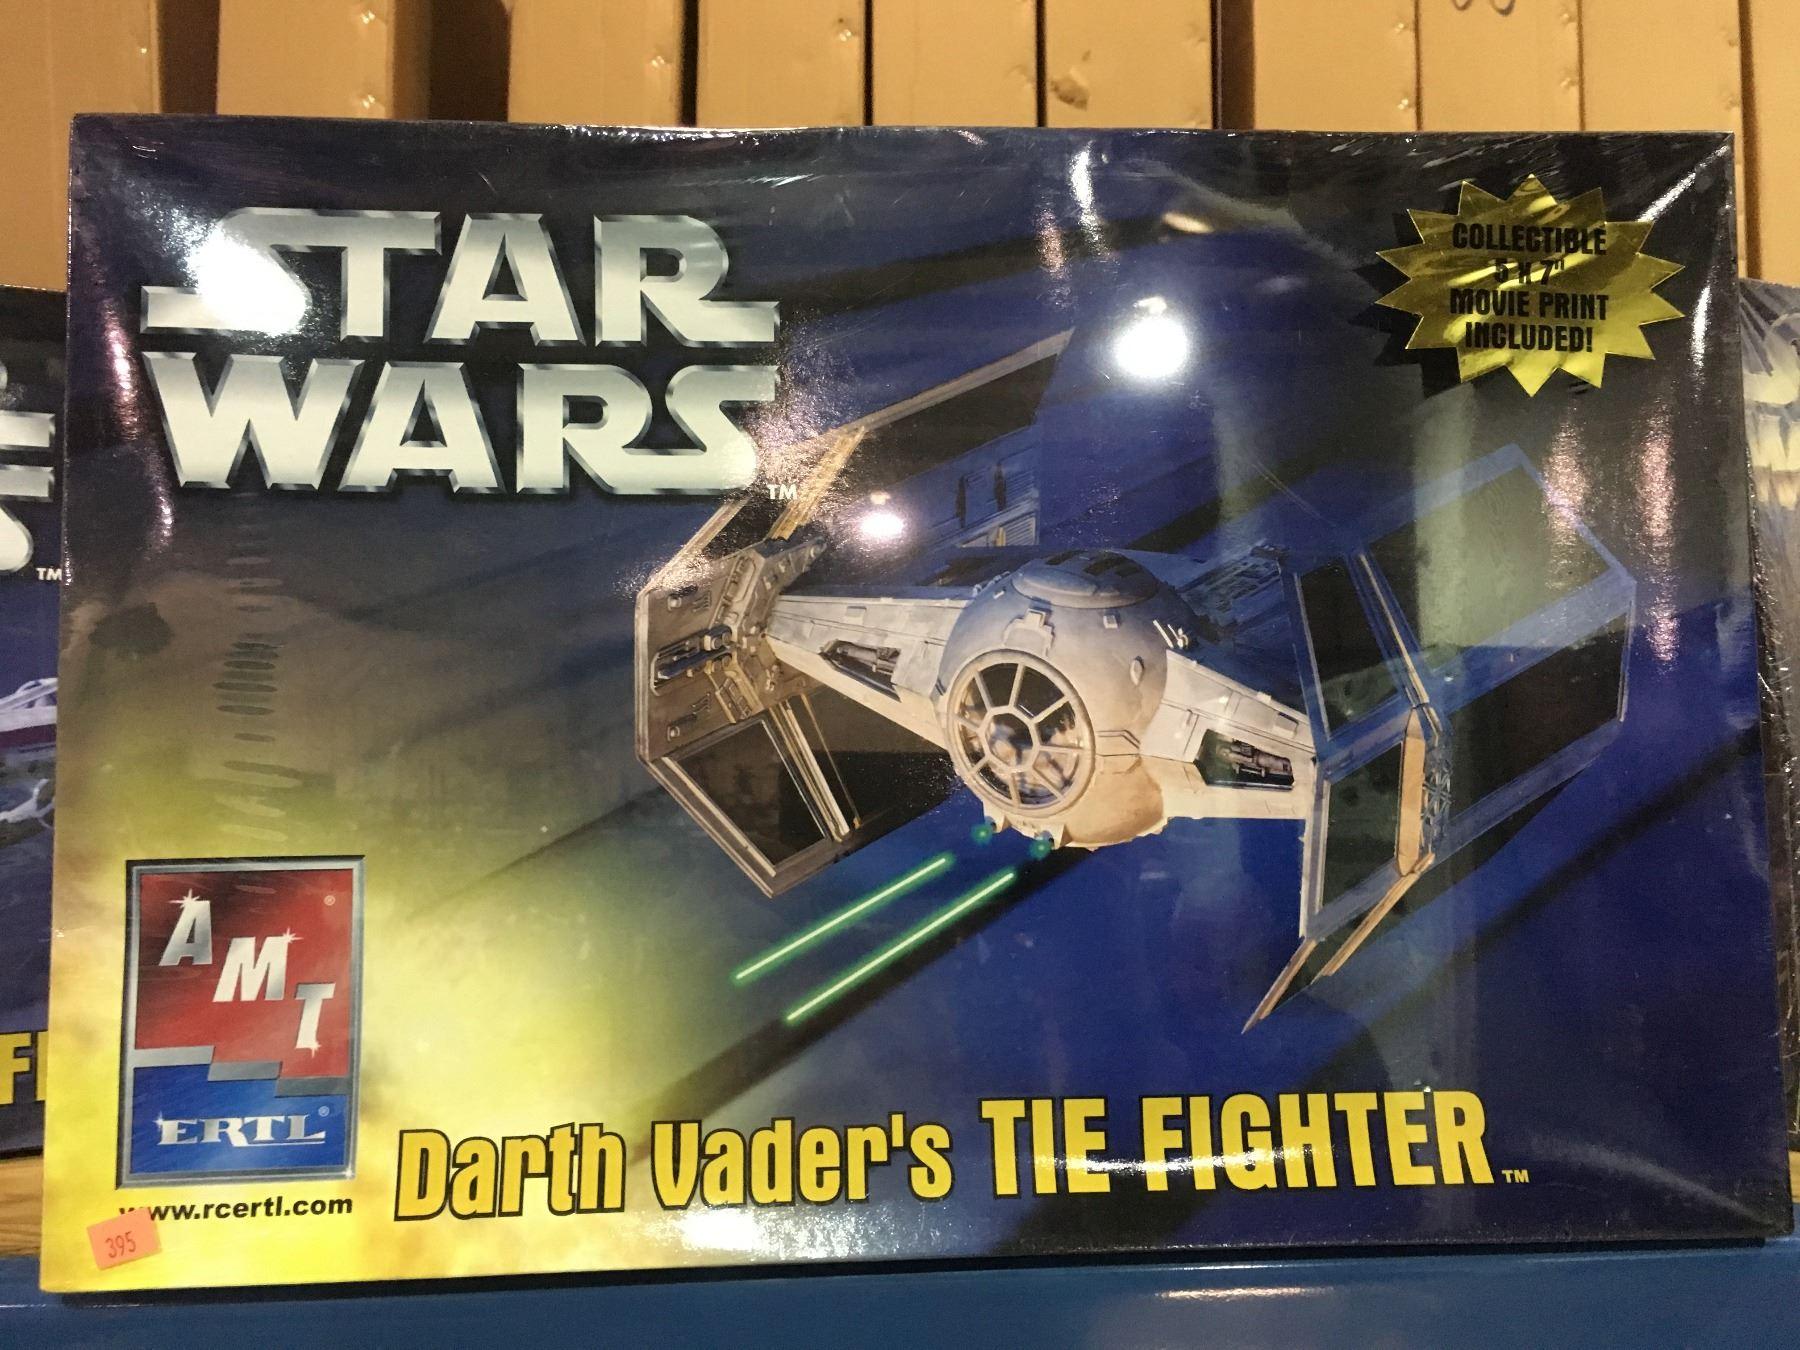 AMT STAR WARS DARTH VADER'S TIE FIGHTER MODEL KIT